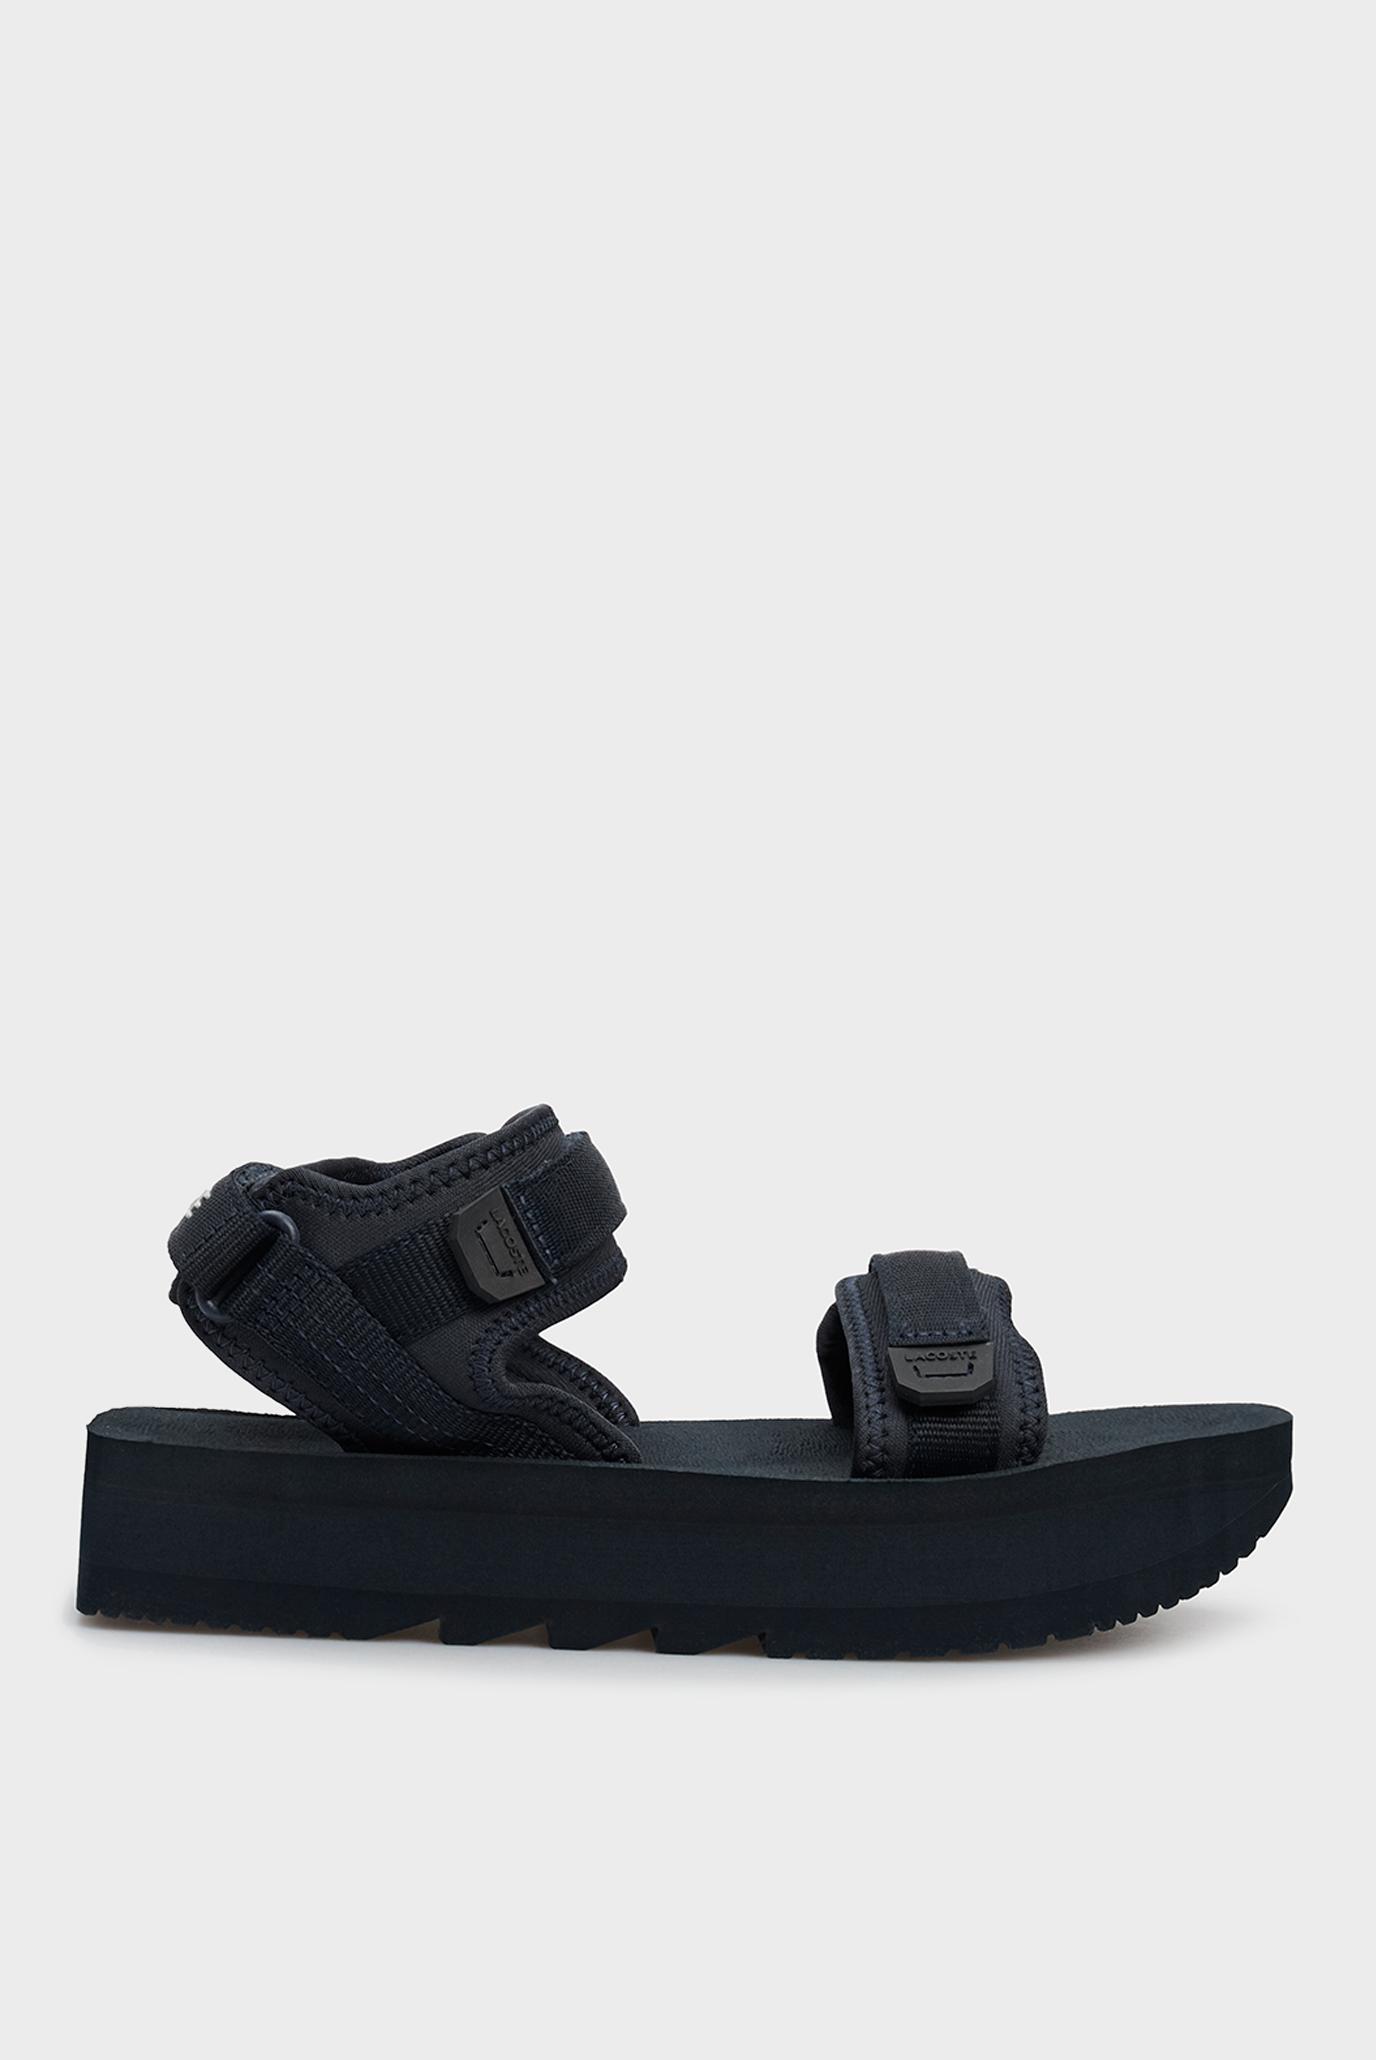 Жіночі темно-сині сандалі SURUGA PLUS 0921 1 CFA 1